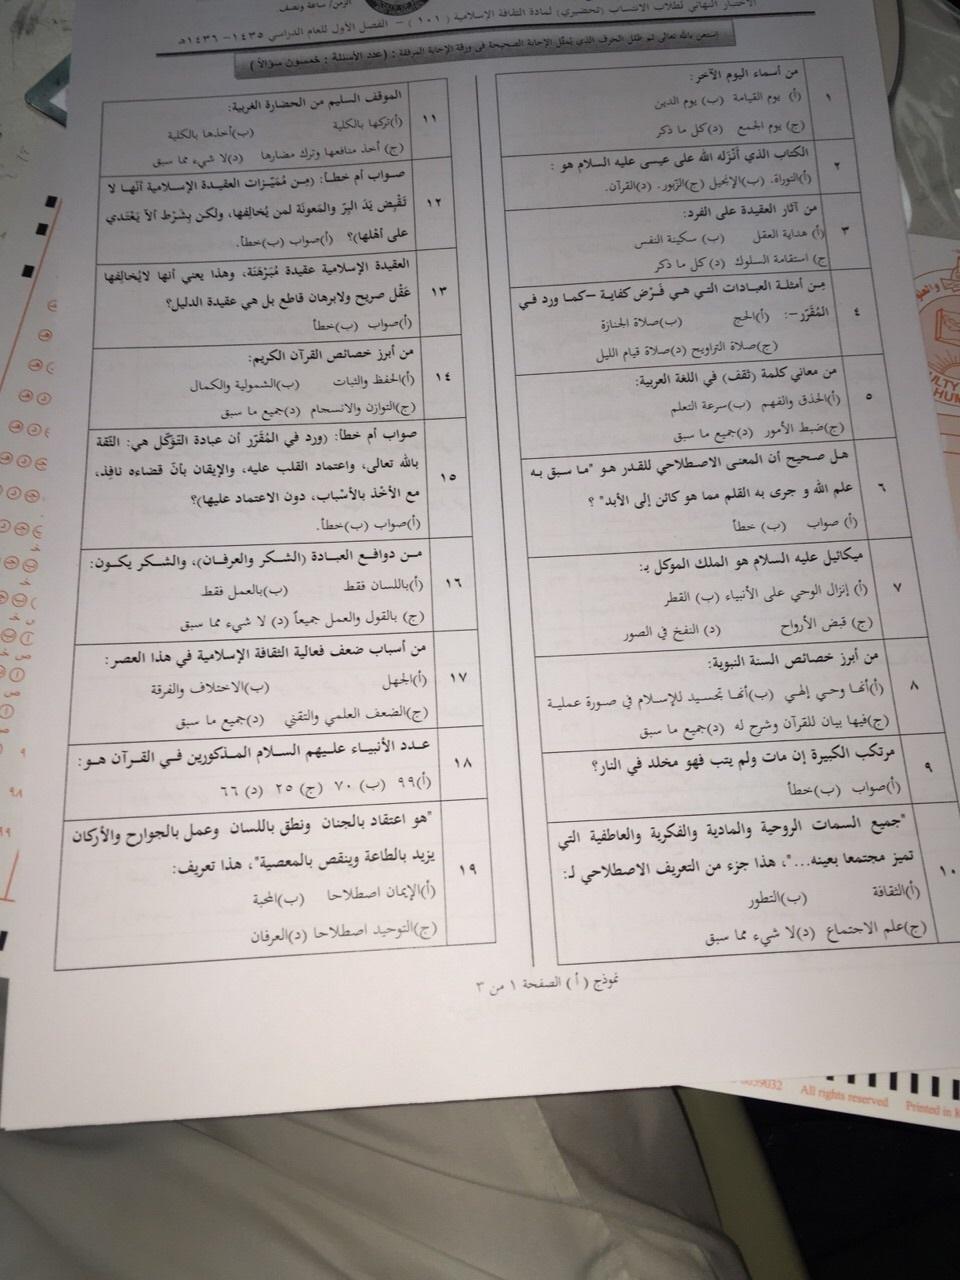 اسئلة اختبار الثقافة الإسلامية isls 101 انتساب الفصل الدراسي الأول 1436هـ نموذج (أ) 11222.jpg